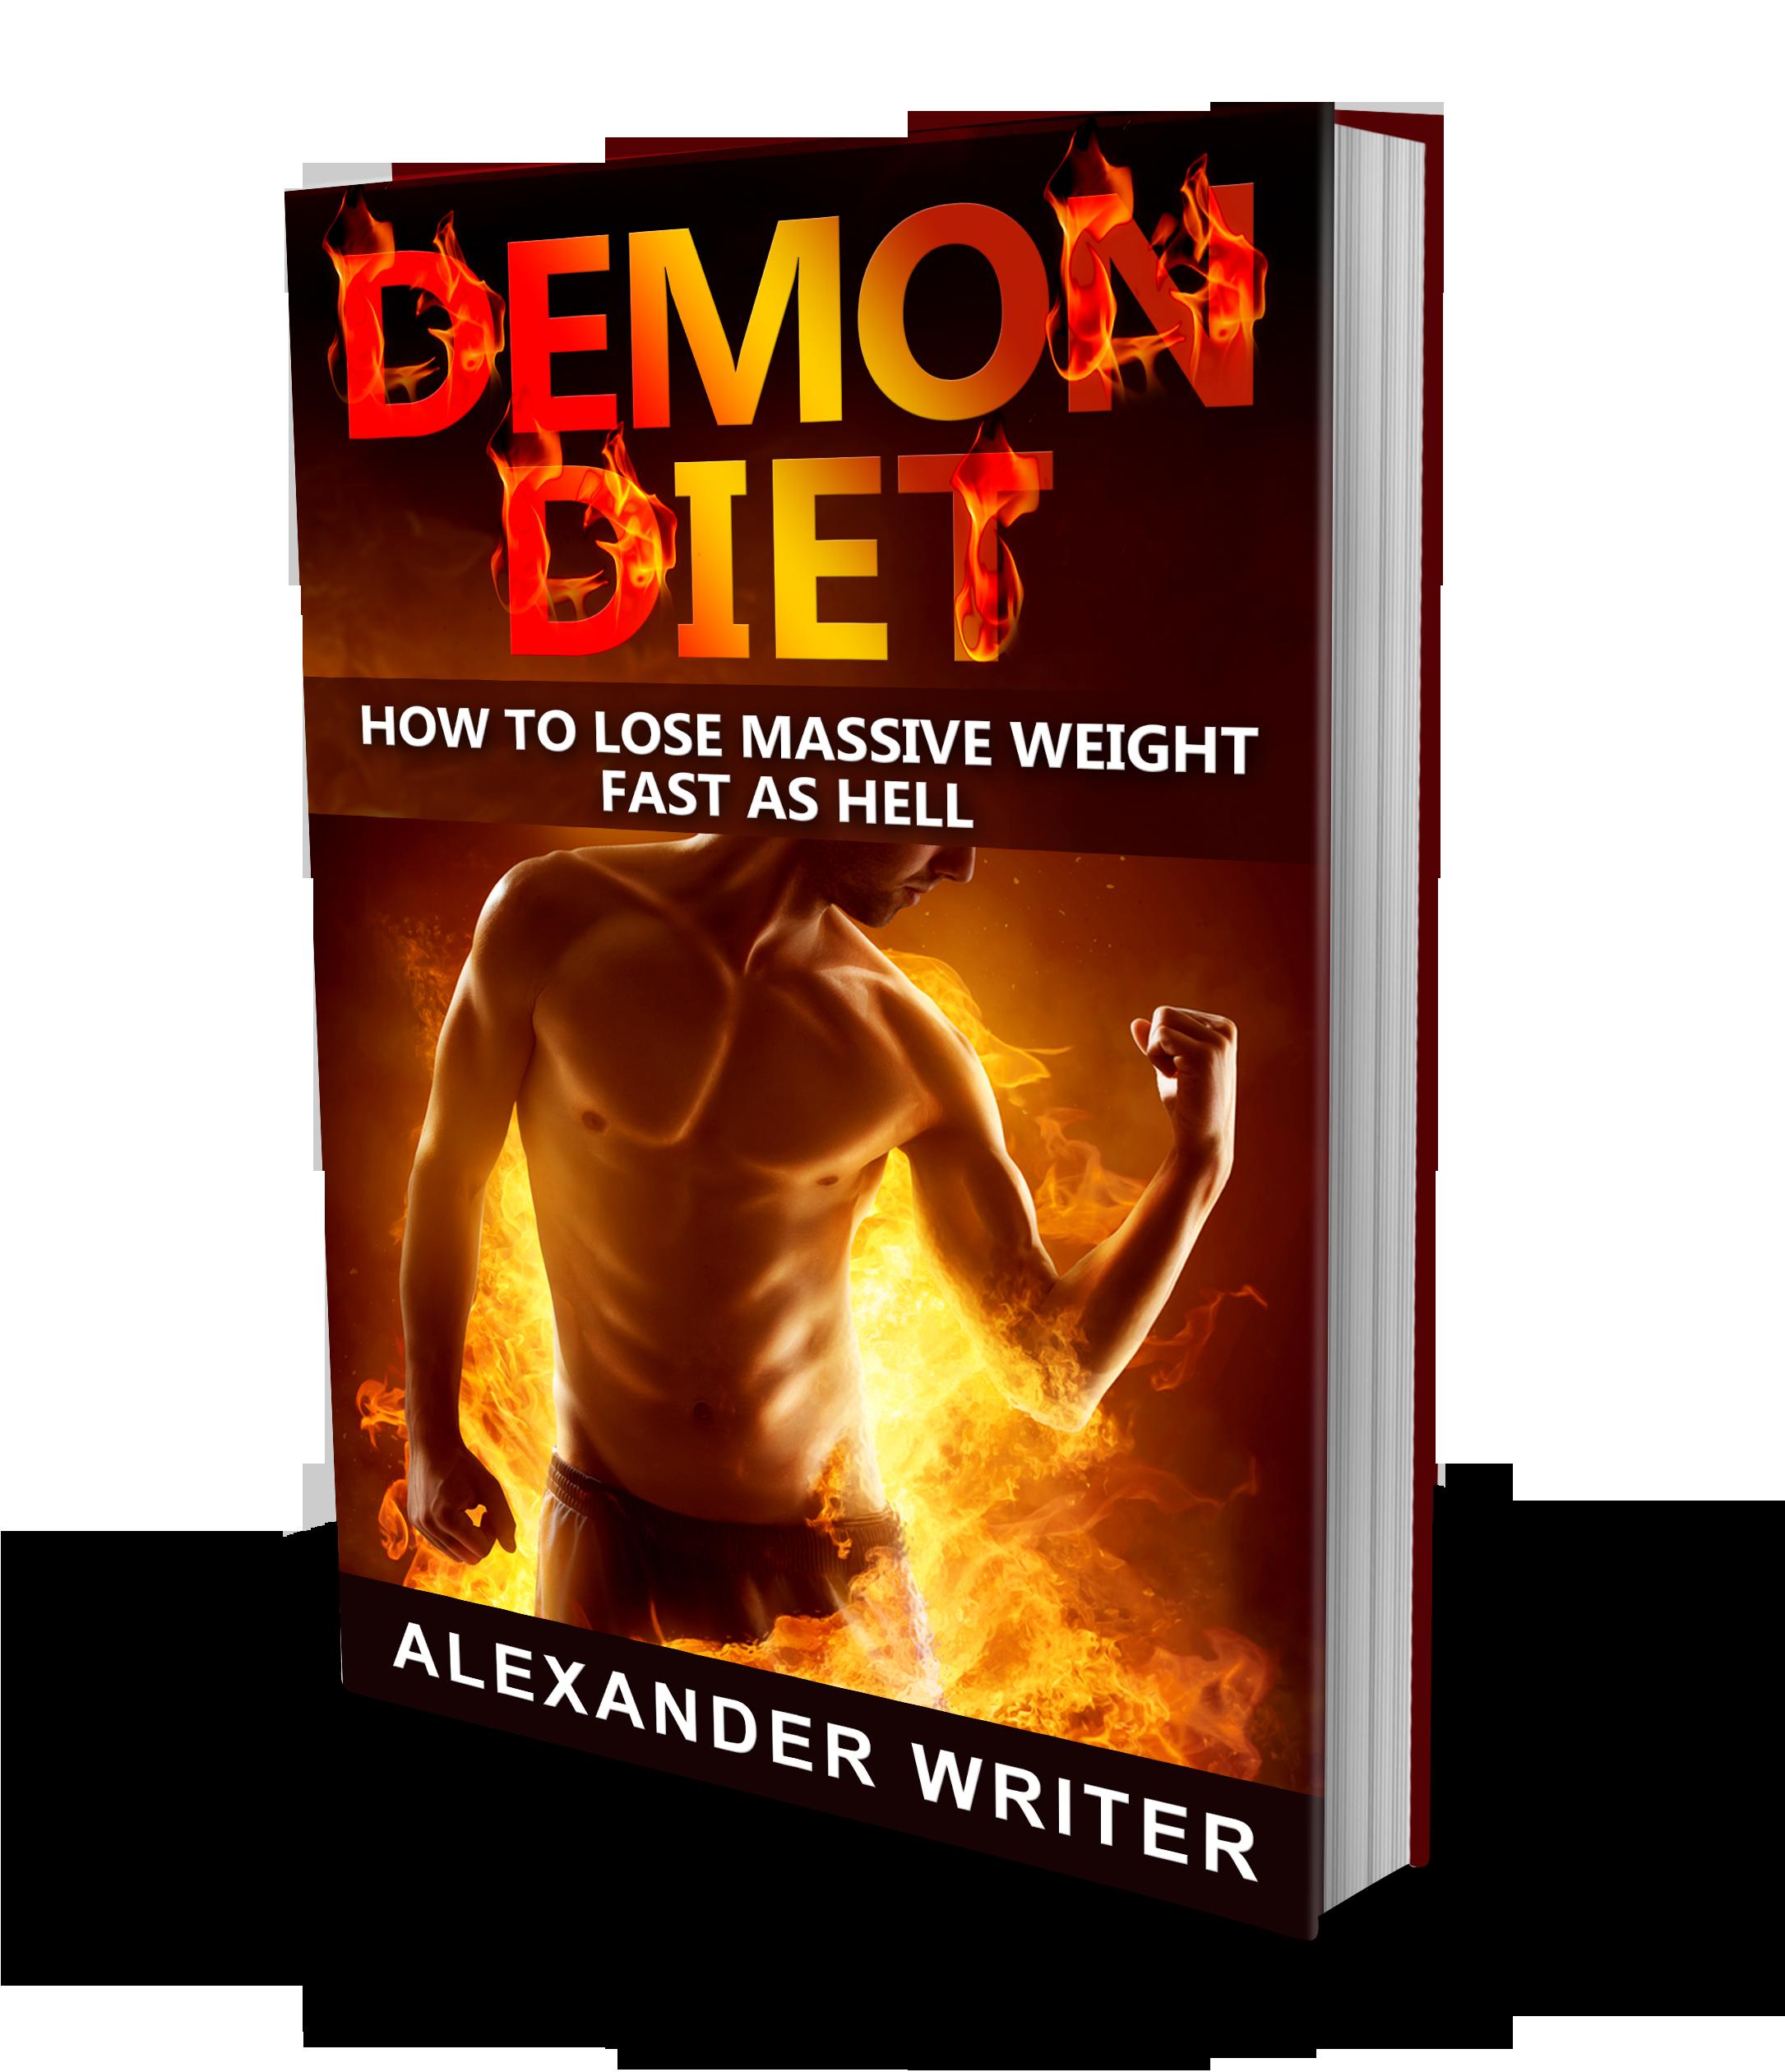 Demon diet